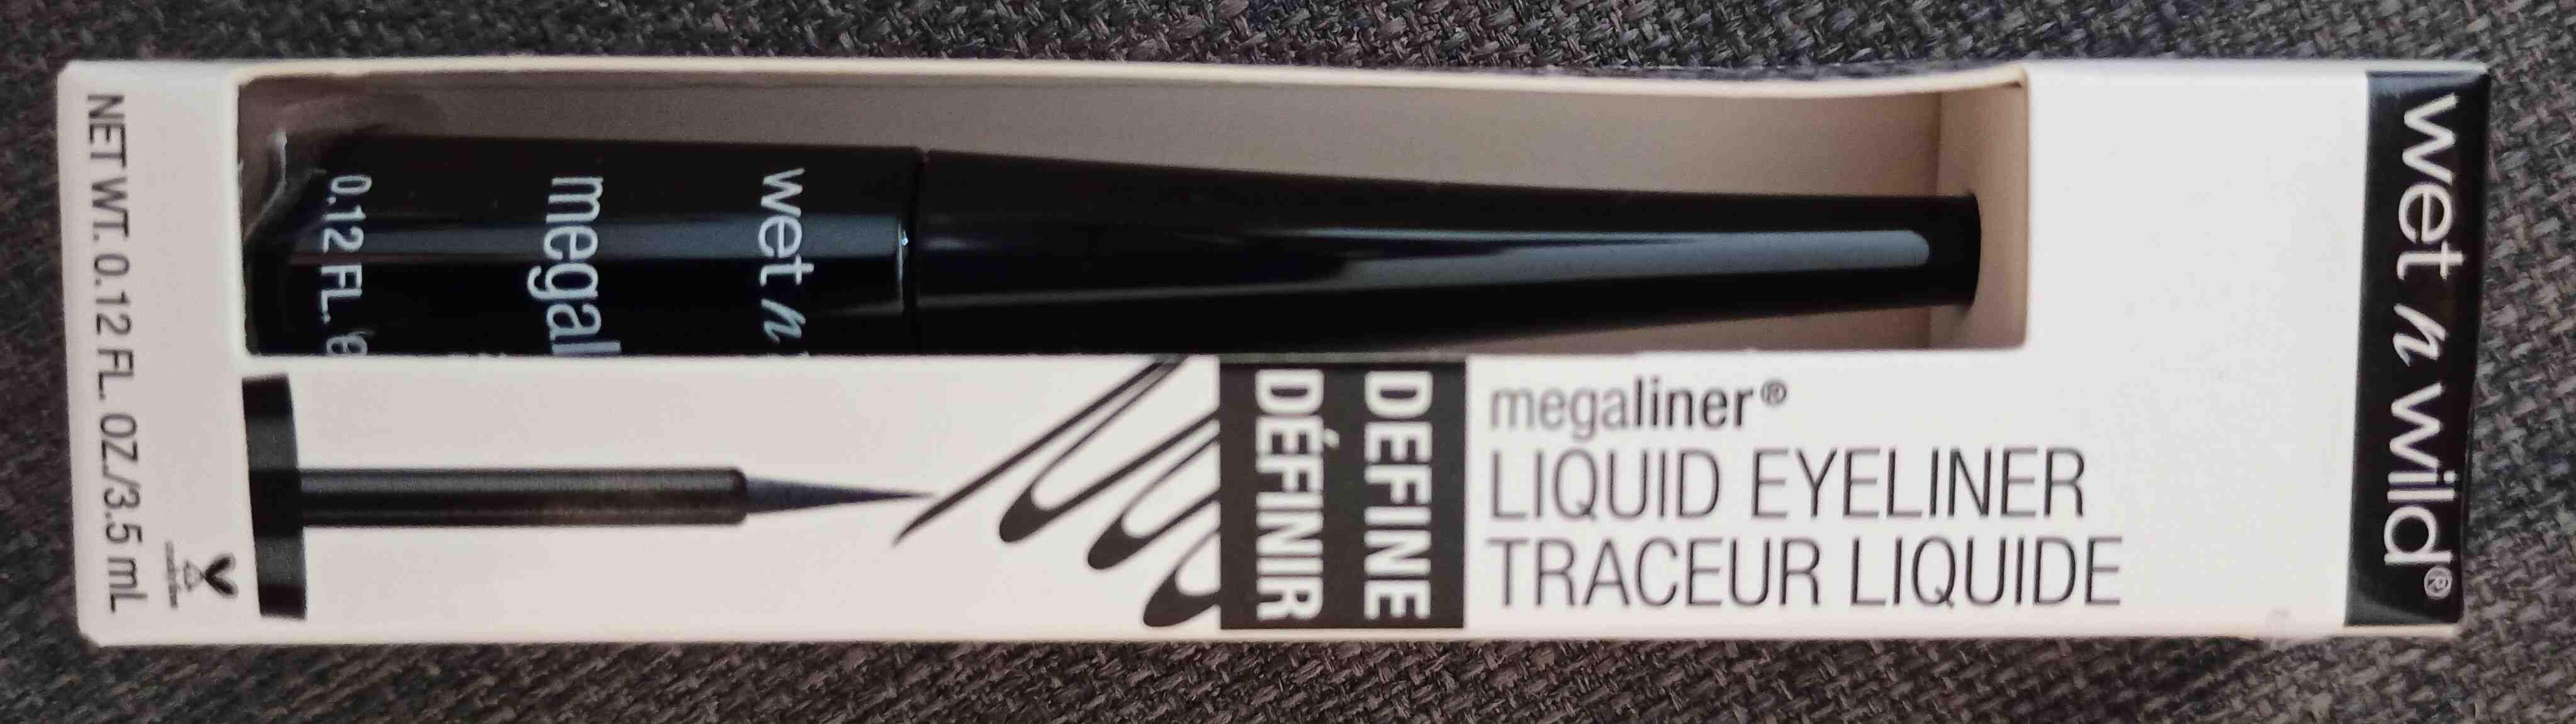 eyeliner liquido - Product - en